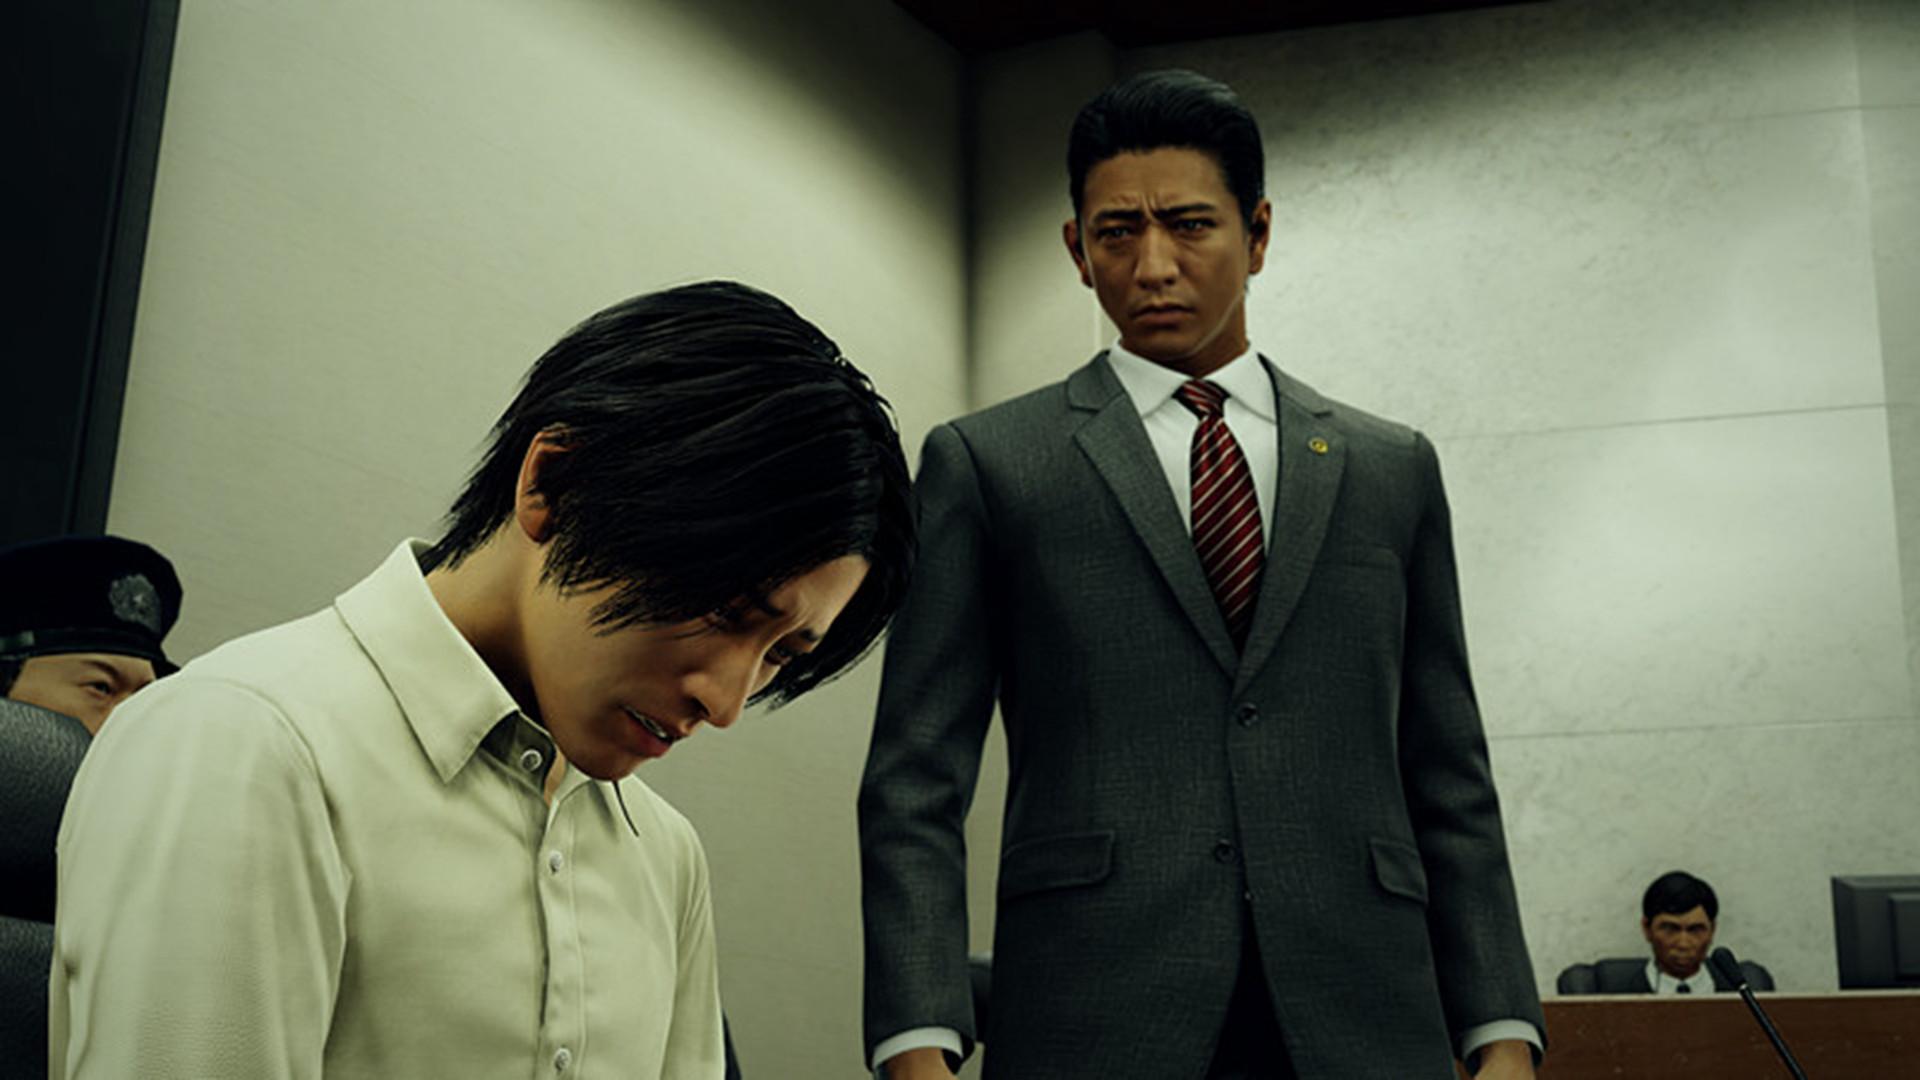 《审判之眼:死神的遗言》 截图 展示角色情报与系统